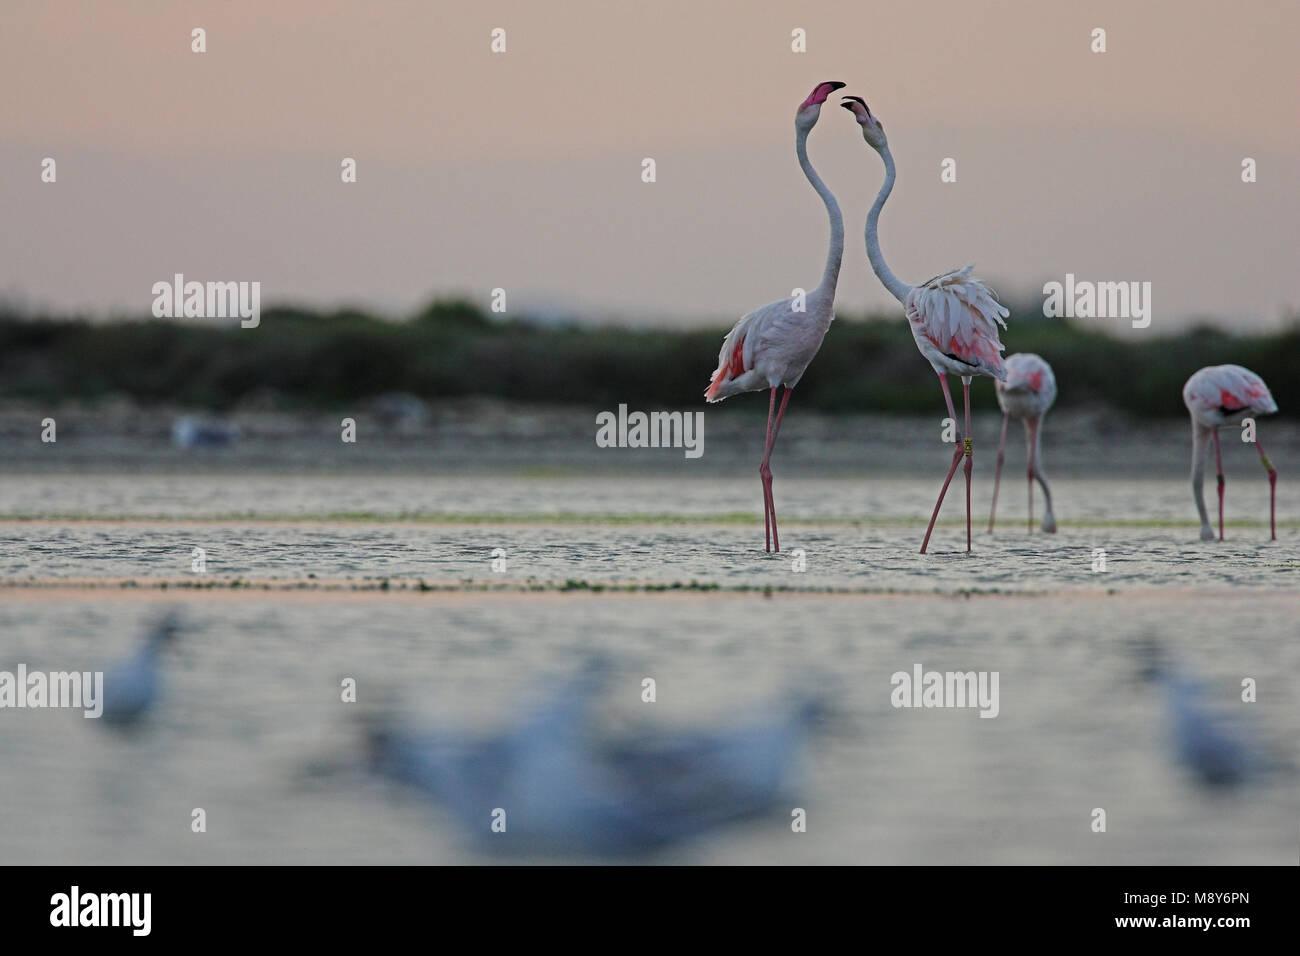 Dans l'eau; ondiep flamingo flamant rose dans l'eau peu profonde Photo Stock